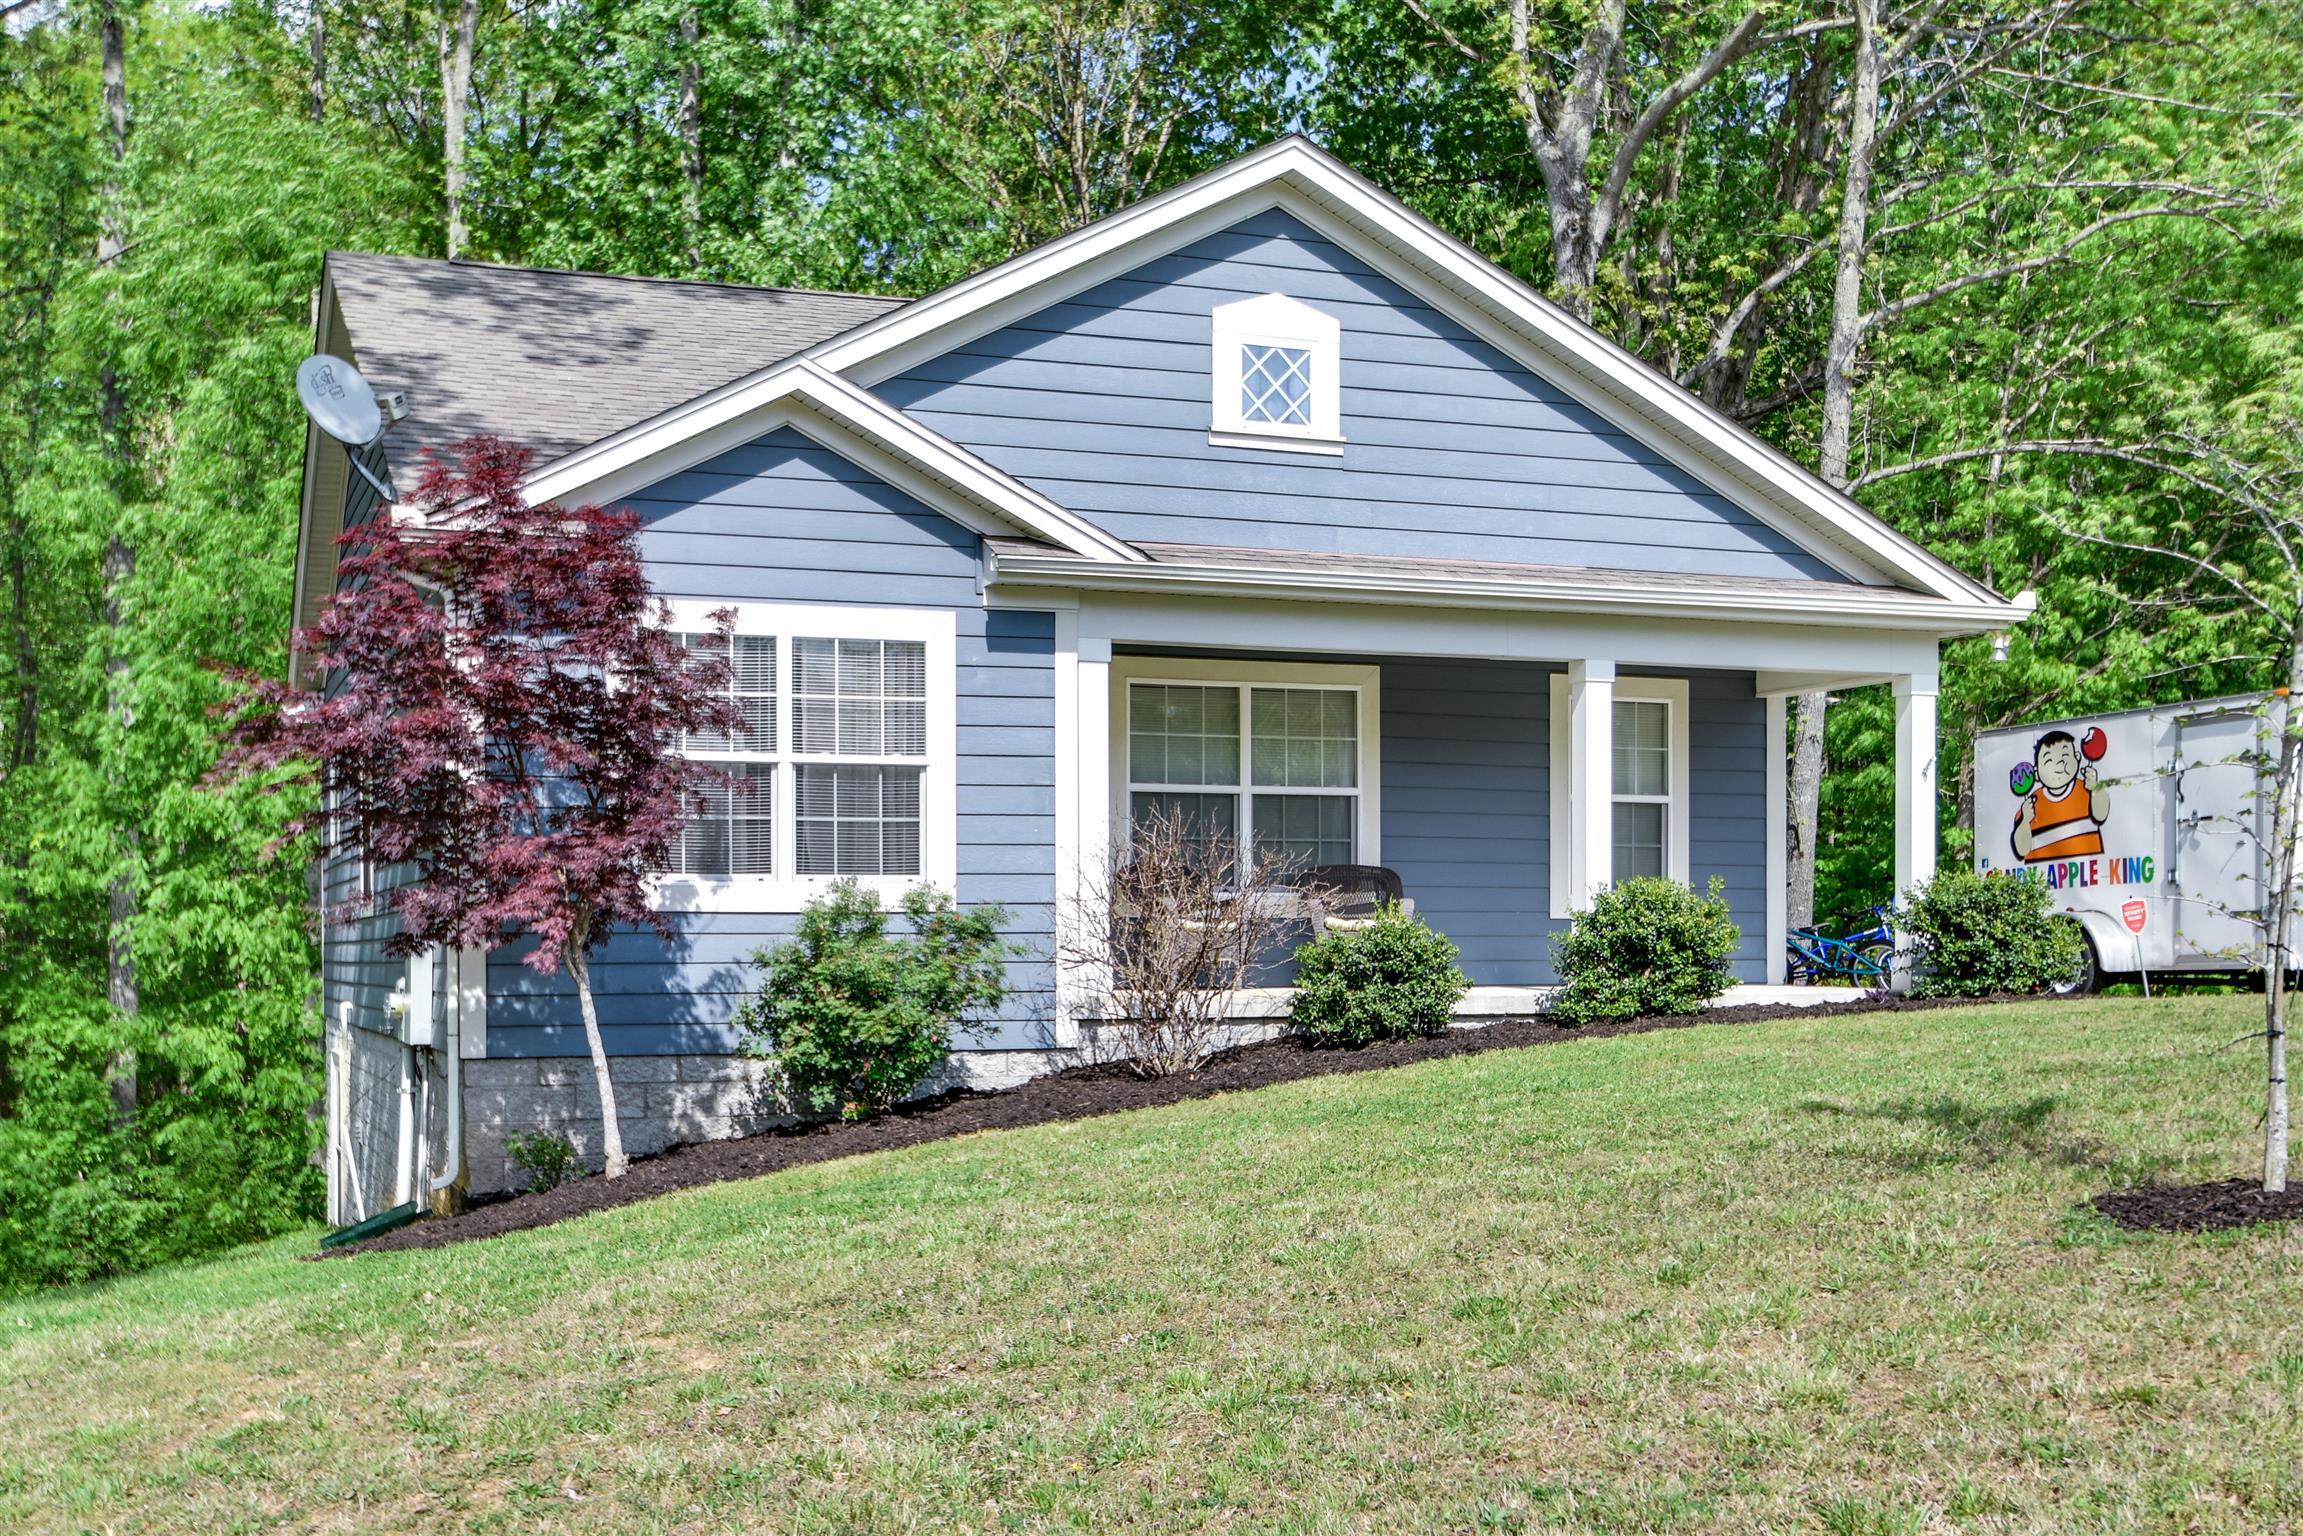 Homes For Sale in Brandenburg Fairview TN